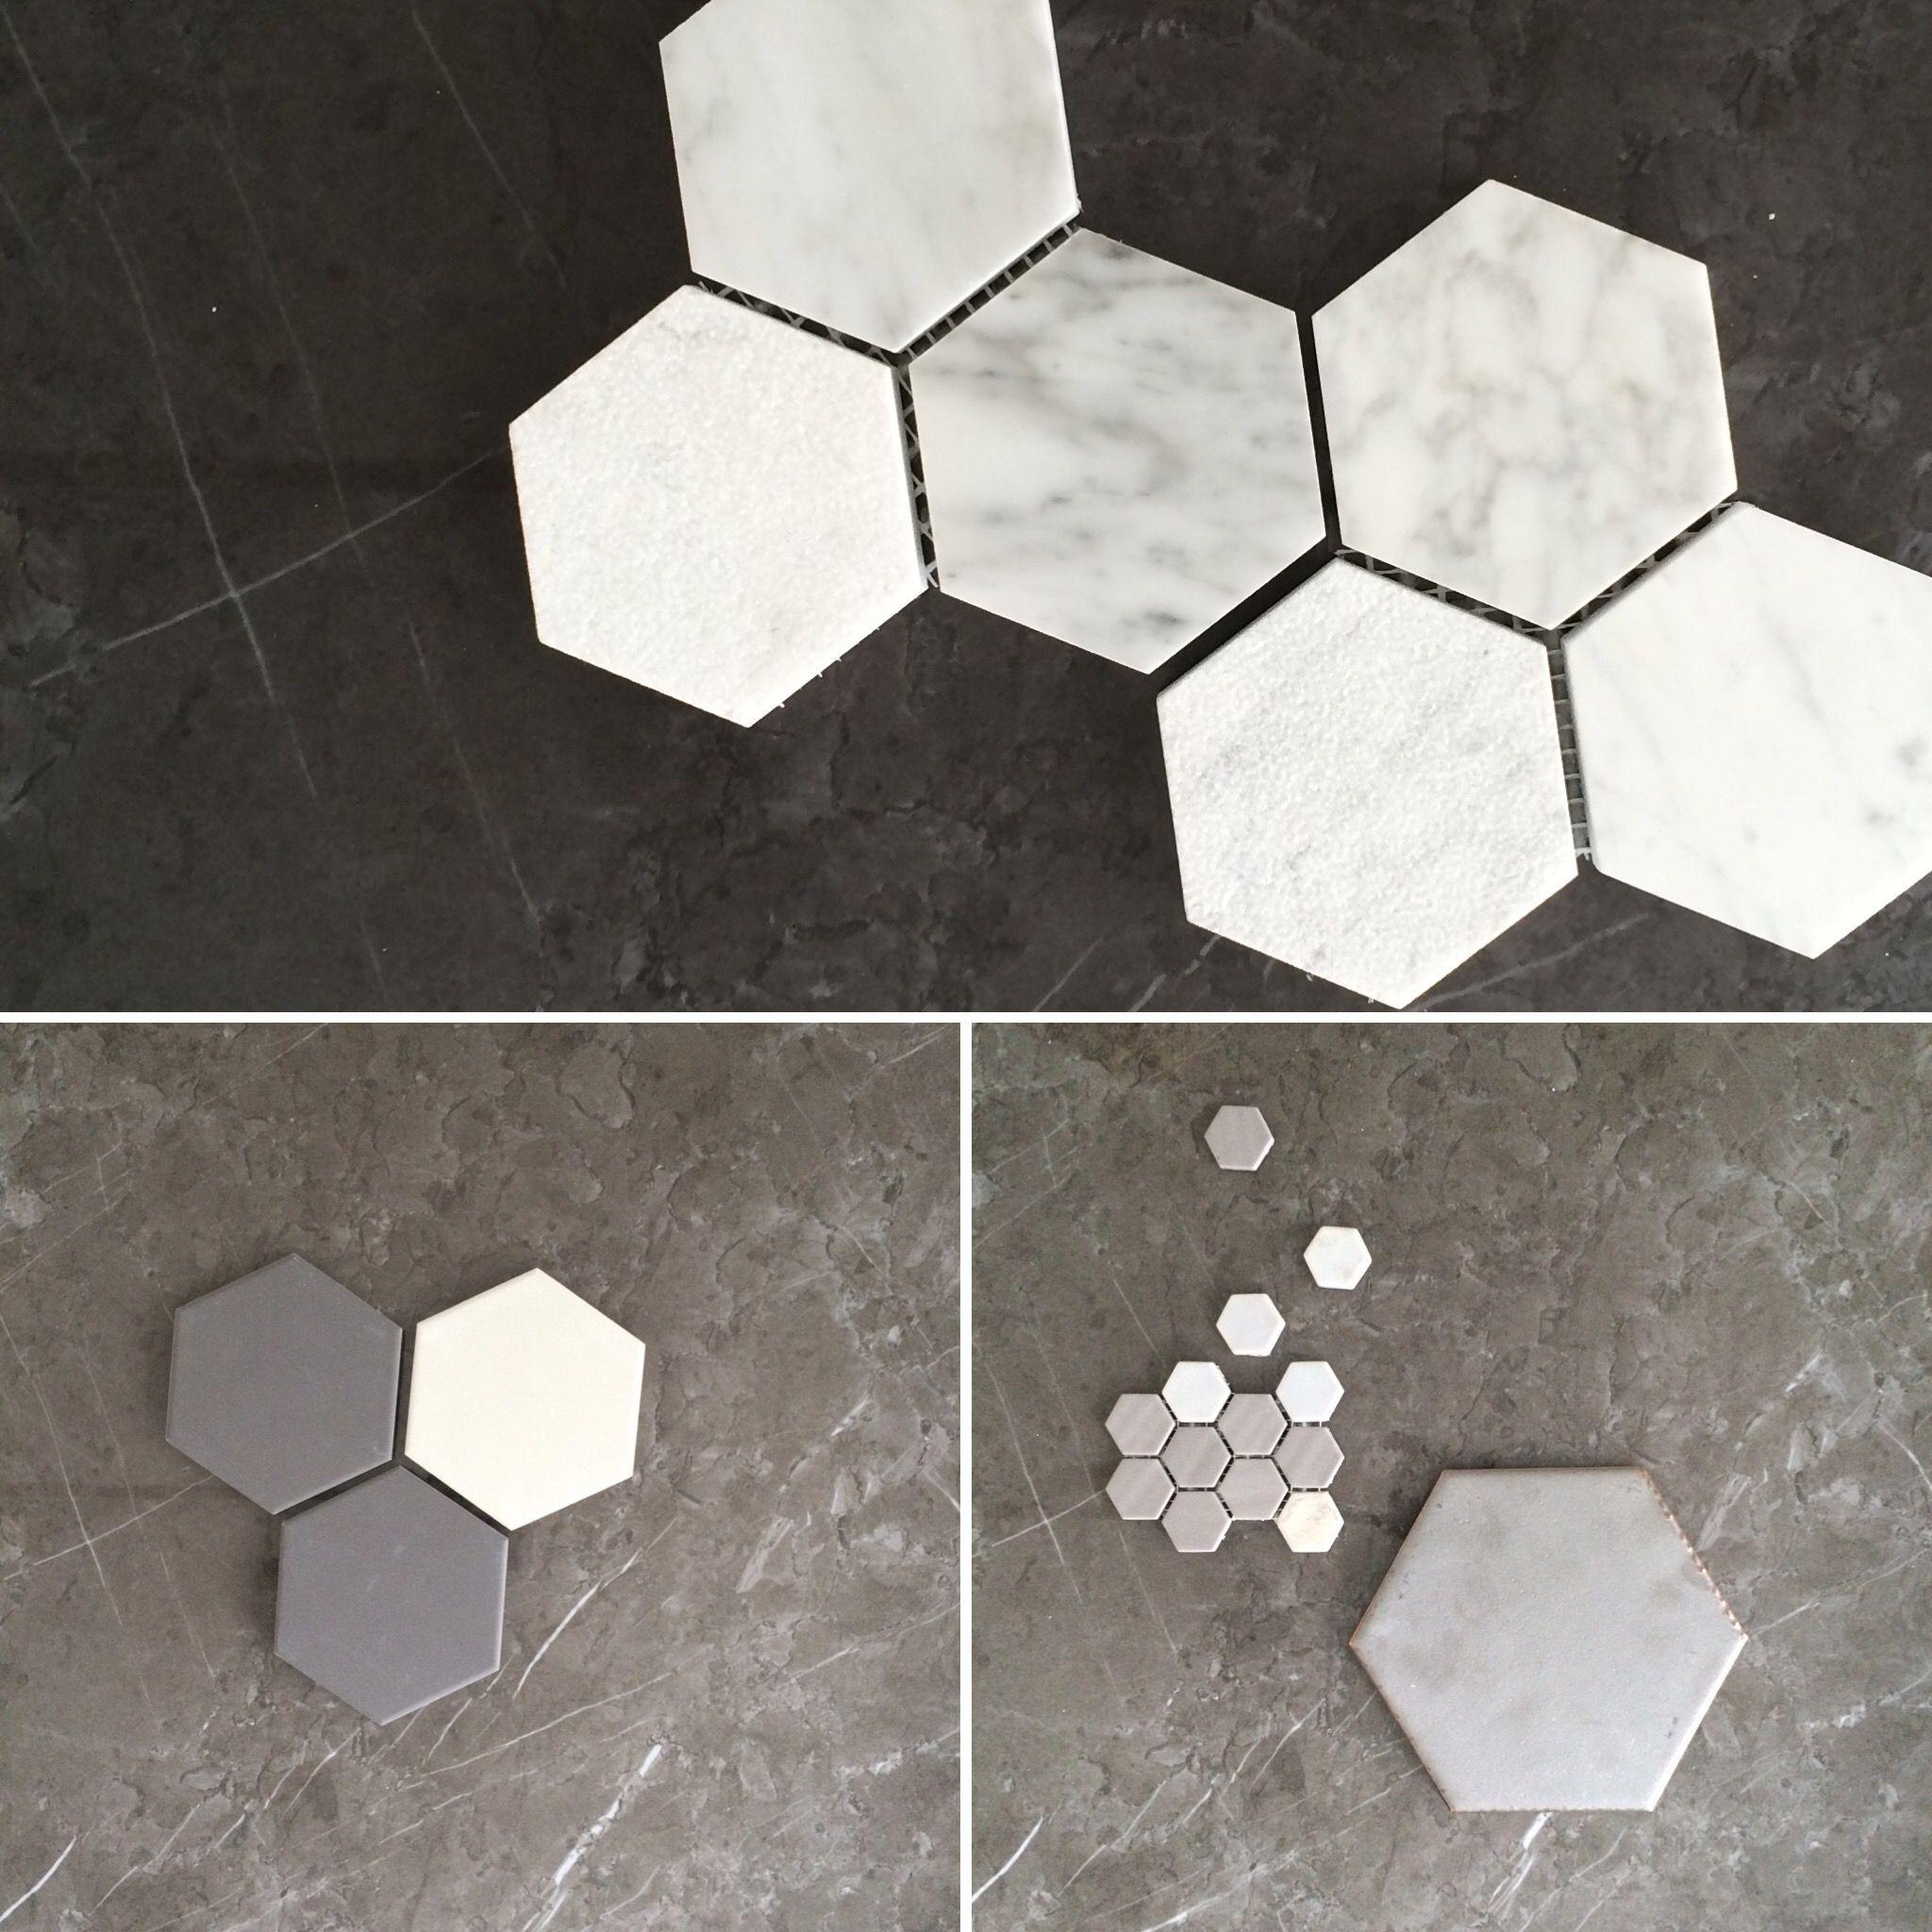 Salle De Bain Parents ~ Hexagons Tiles Pinterest Salle De Bains Et Salle